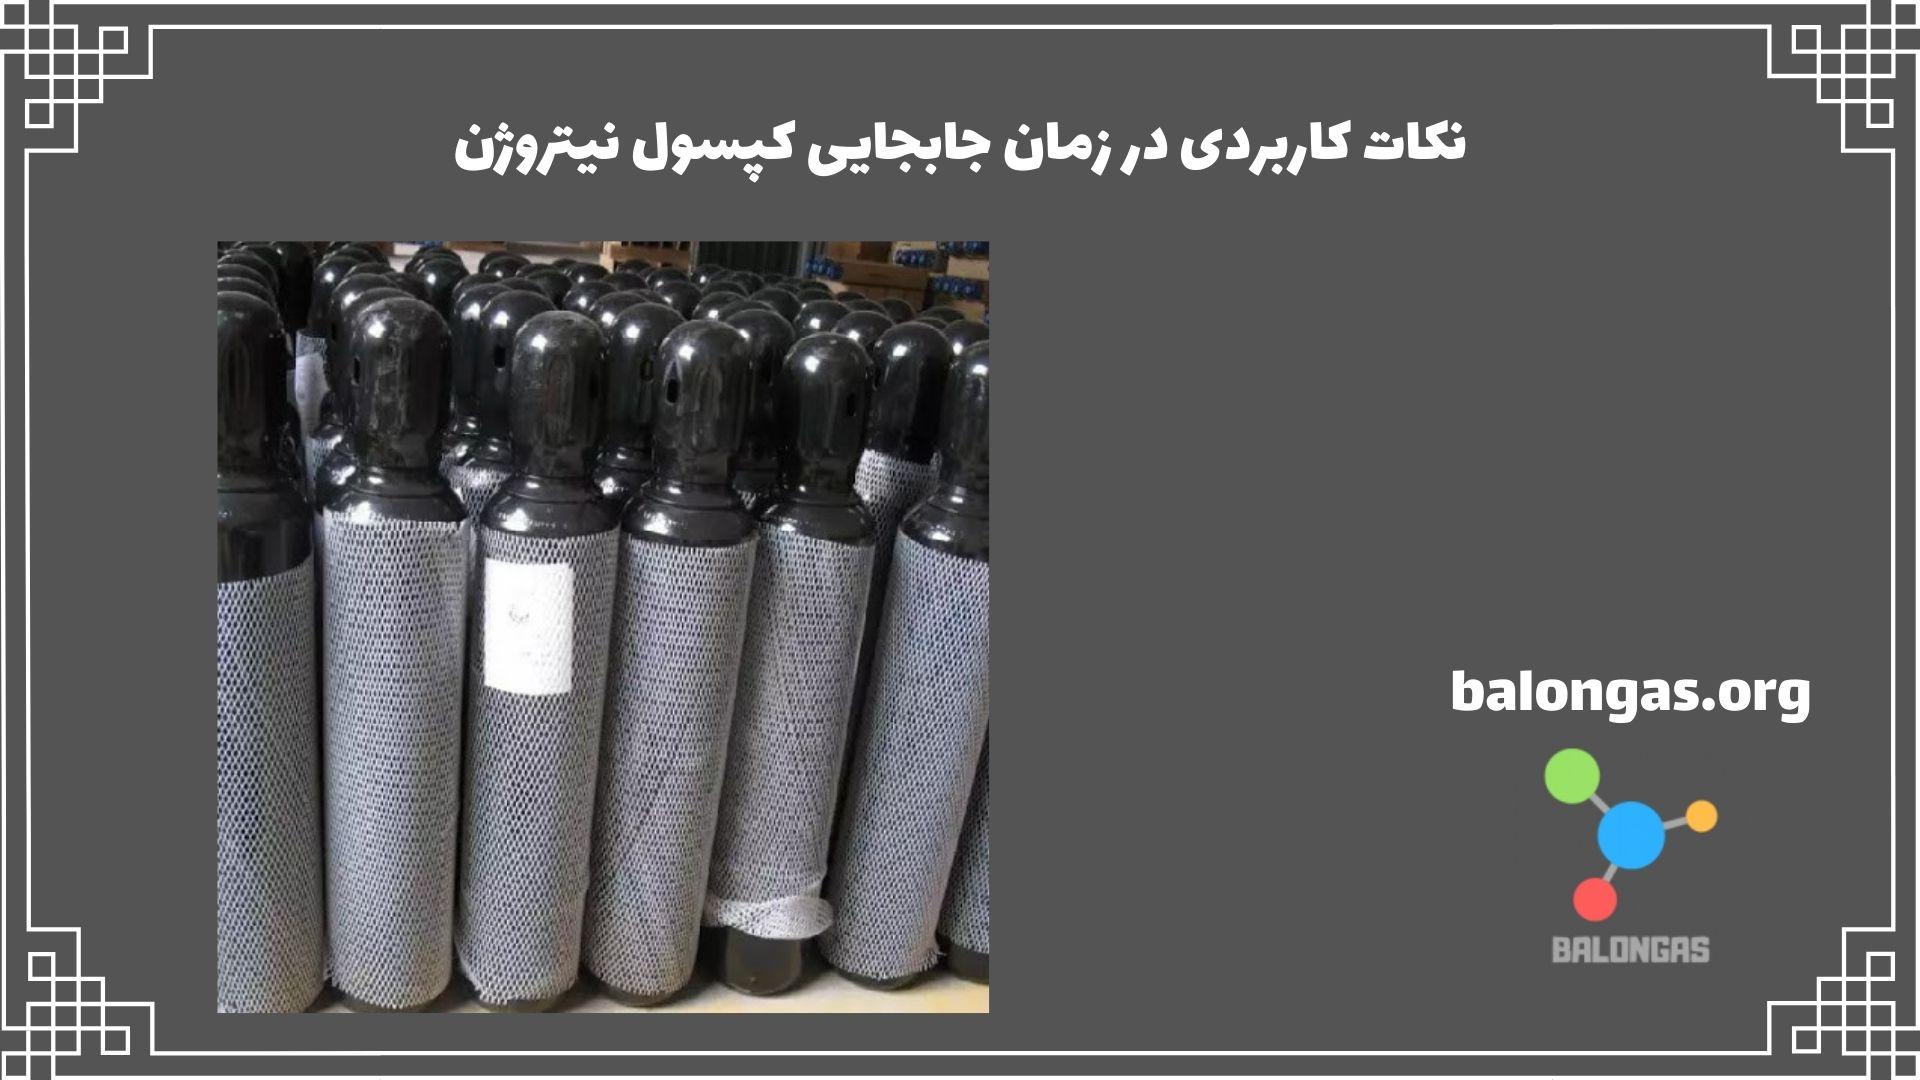 نکات کاربردی در زمان جابجایی کپسول نیتروژن